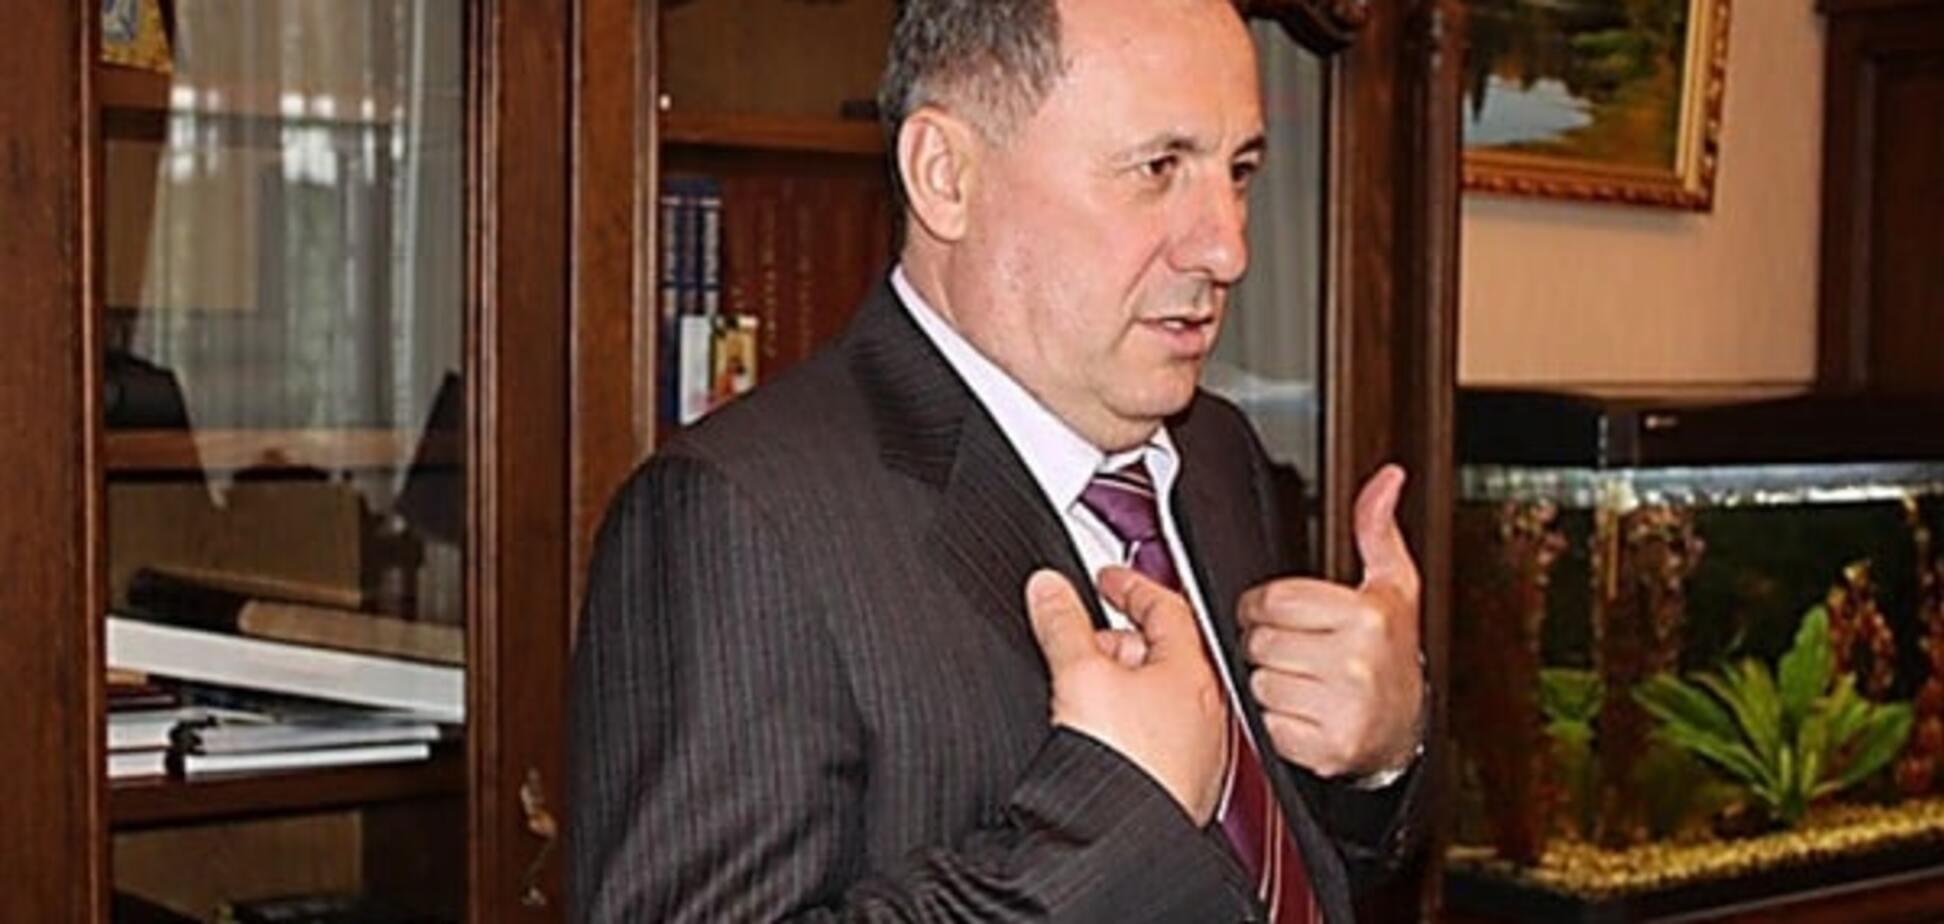 Новий прокурор Одеської області Стоянов підпадає під люстрацію - Мін'юст